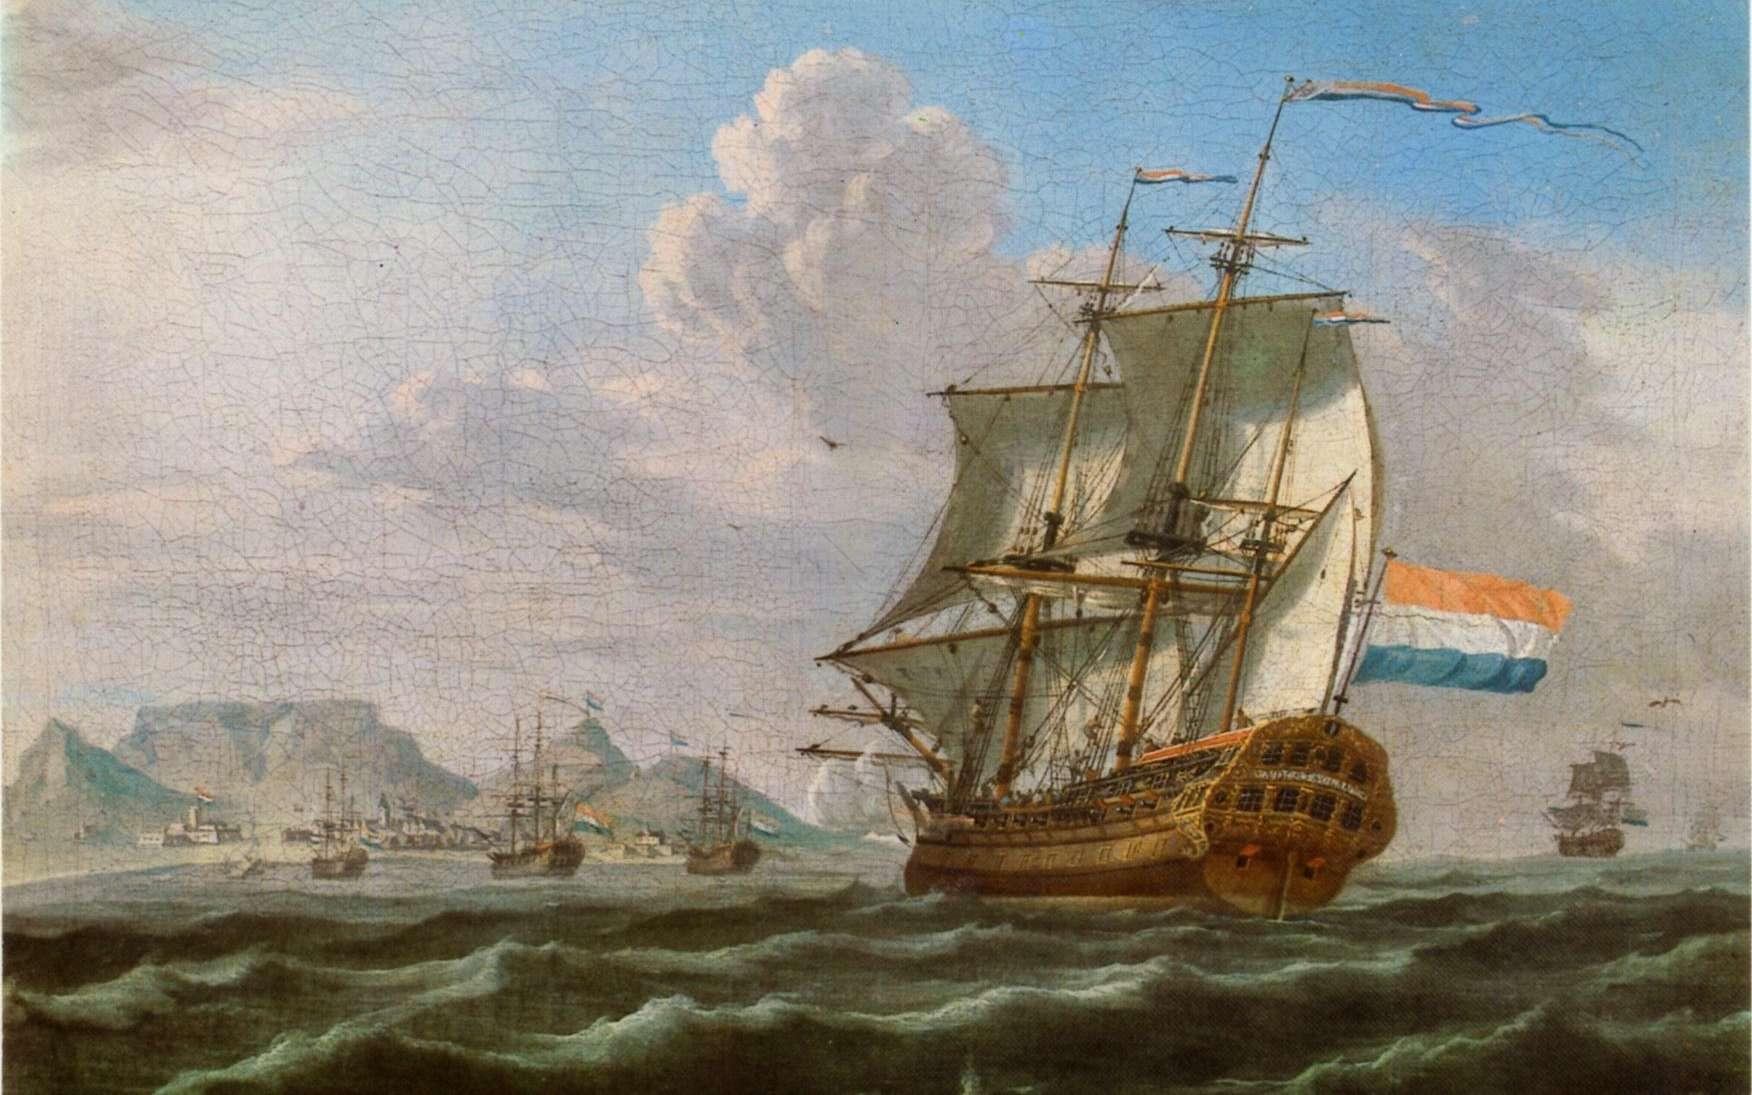 Navires de la Compagnie des Indes hollandaise, passage du Cap de Bonne Espérance, 1762 © Wikimedia commons, domaine public